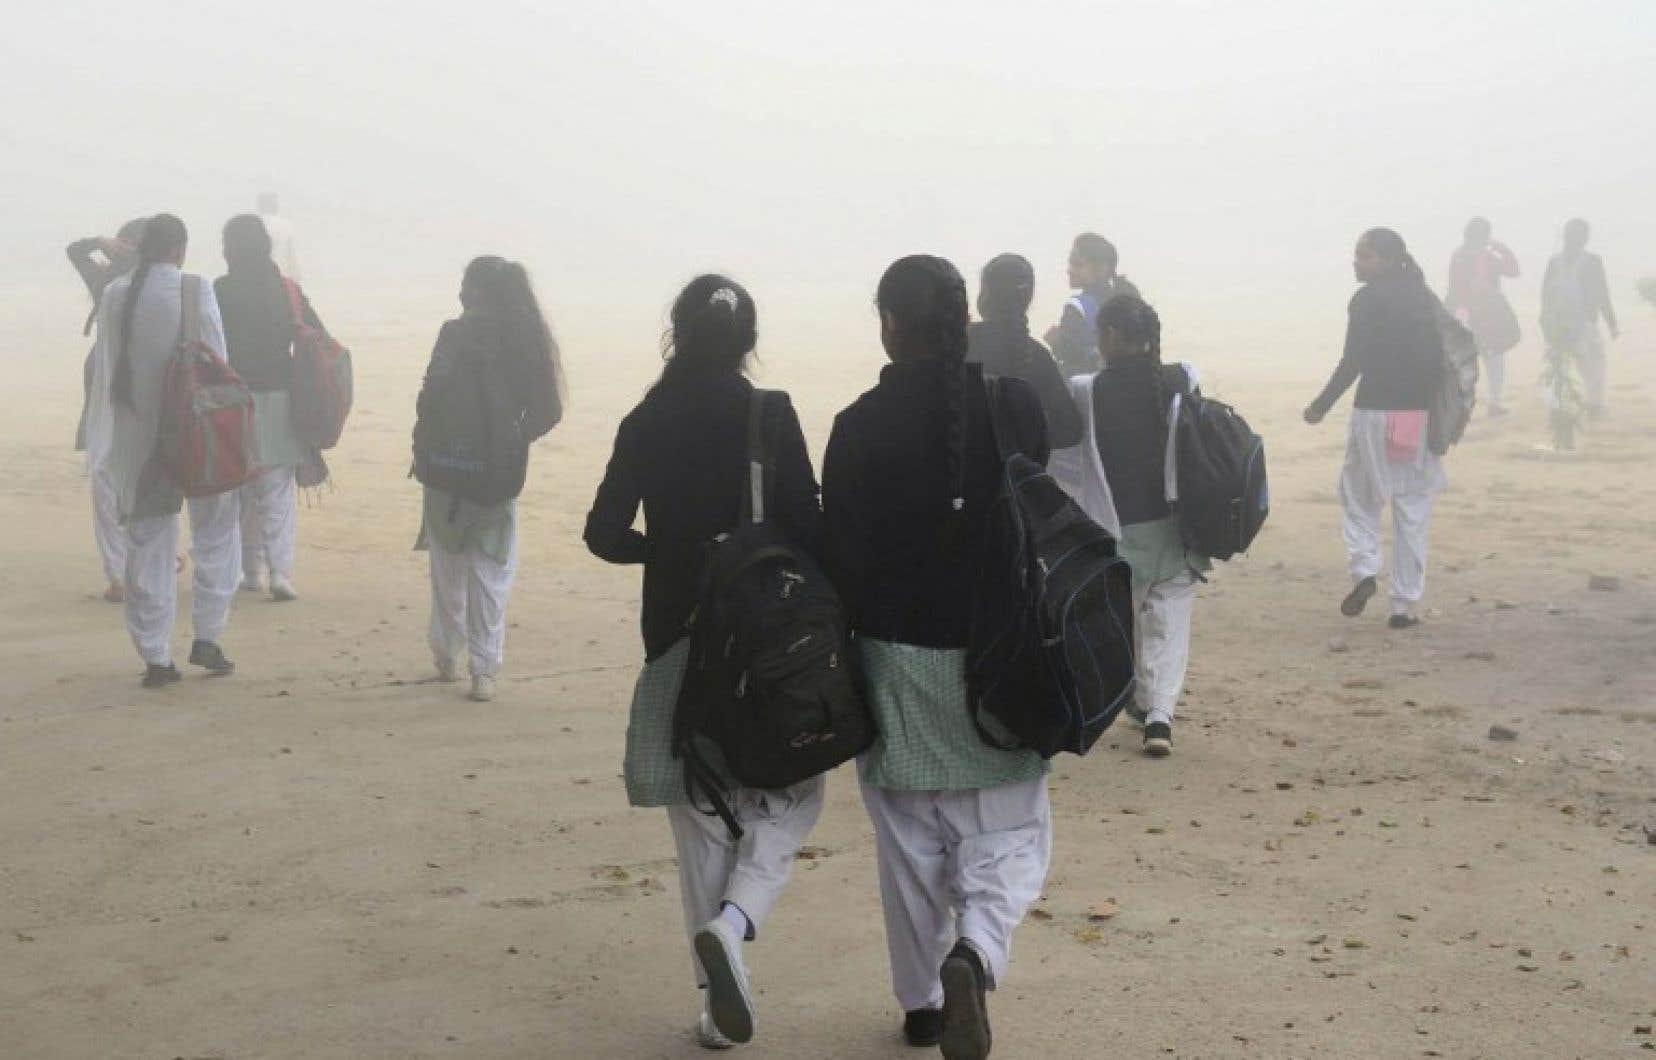 Des médecins ont déclaré la capitale indienne, qui suffoque depuis près d'une semaine dans un brouillard toxique, en état d'urgence sanitaire.